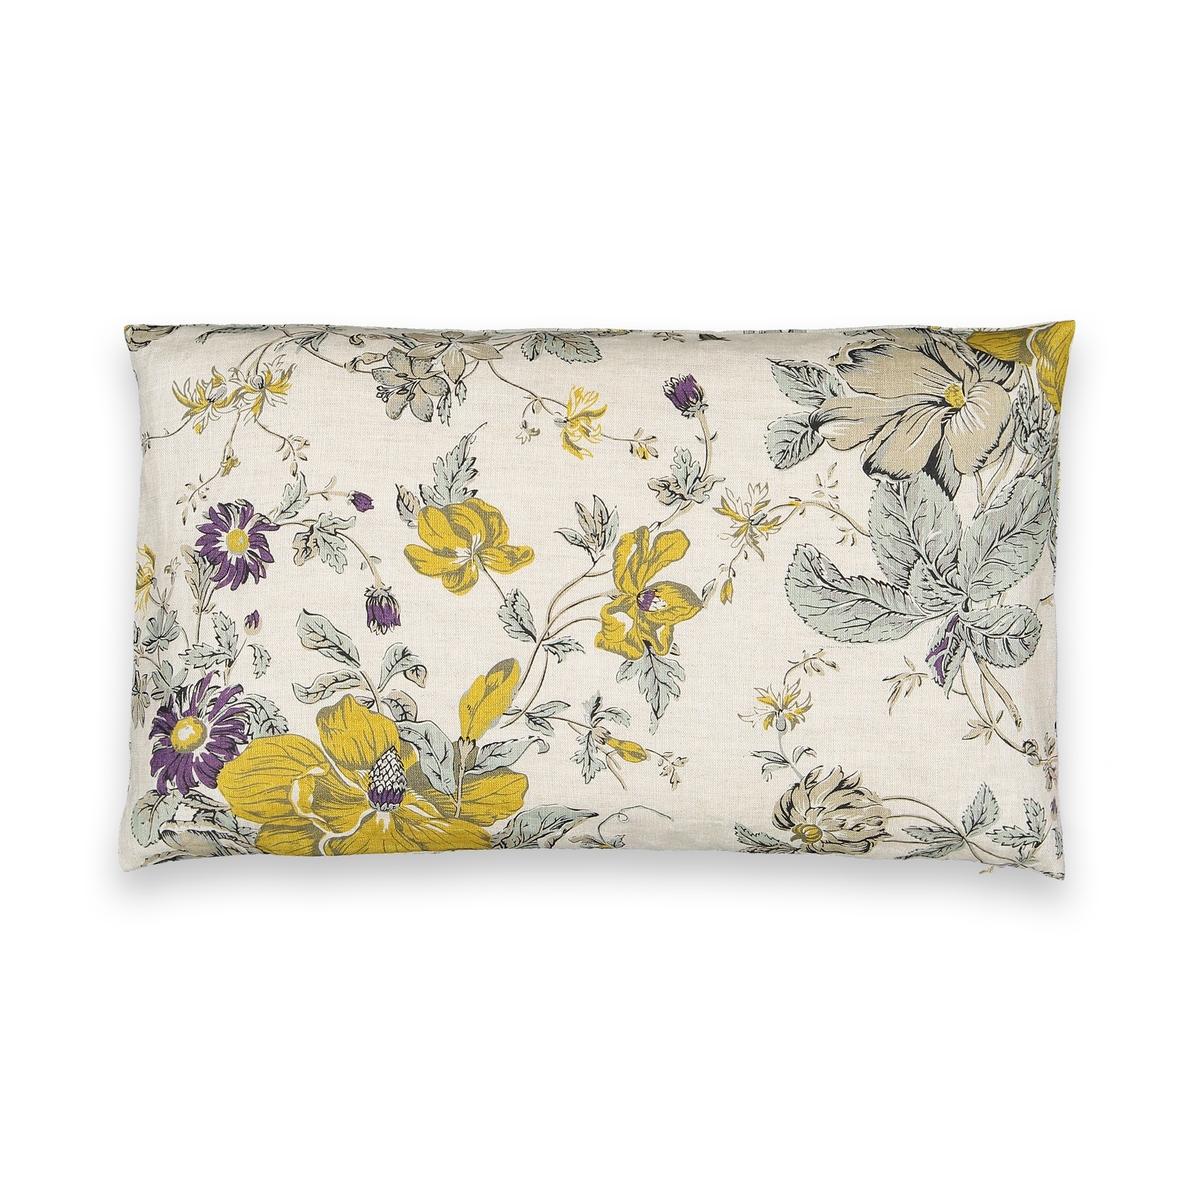 Чехол La Redoute Для подушки из льна Alizou 50 x 30 см белый чехол для подушки из шерсти osia